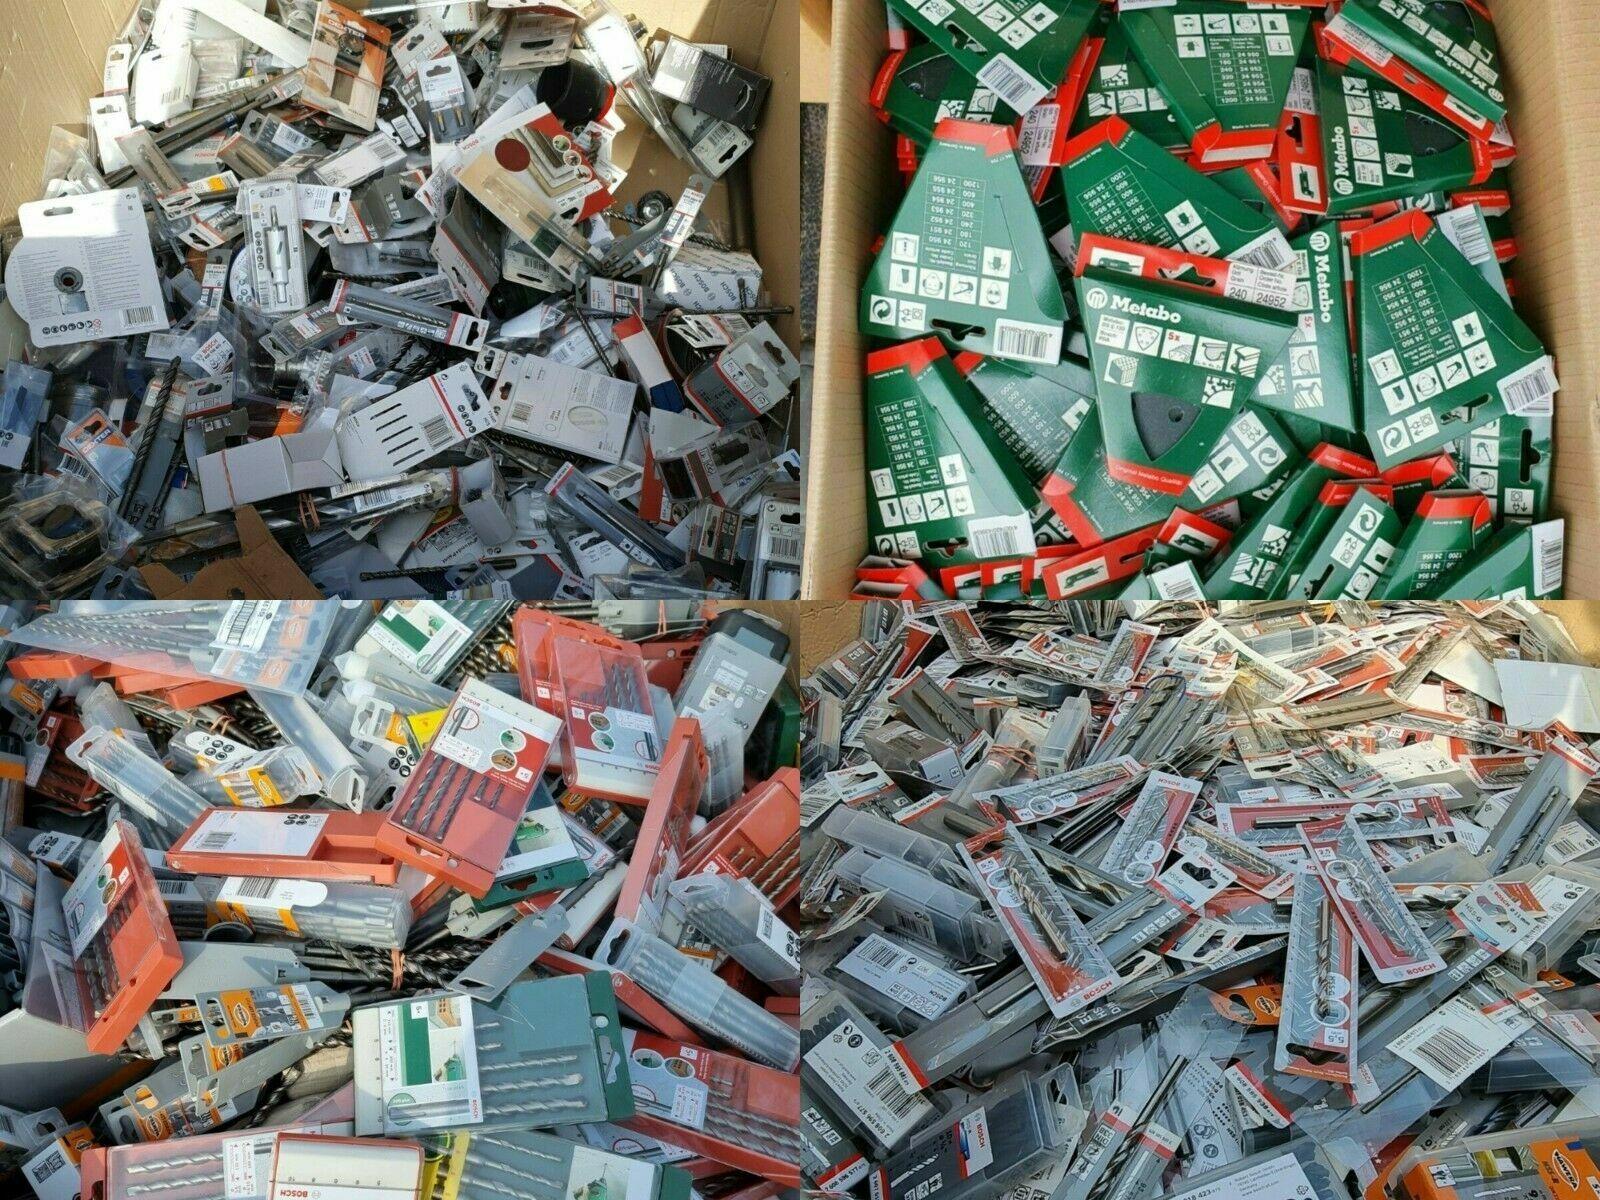 25 / 50 / 100 Teile Restposten Werkzeug Bosch Wolfcraft Baumarkt Sonderposten